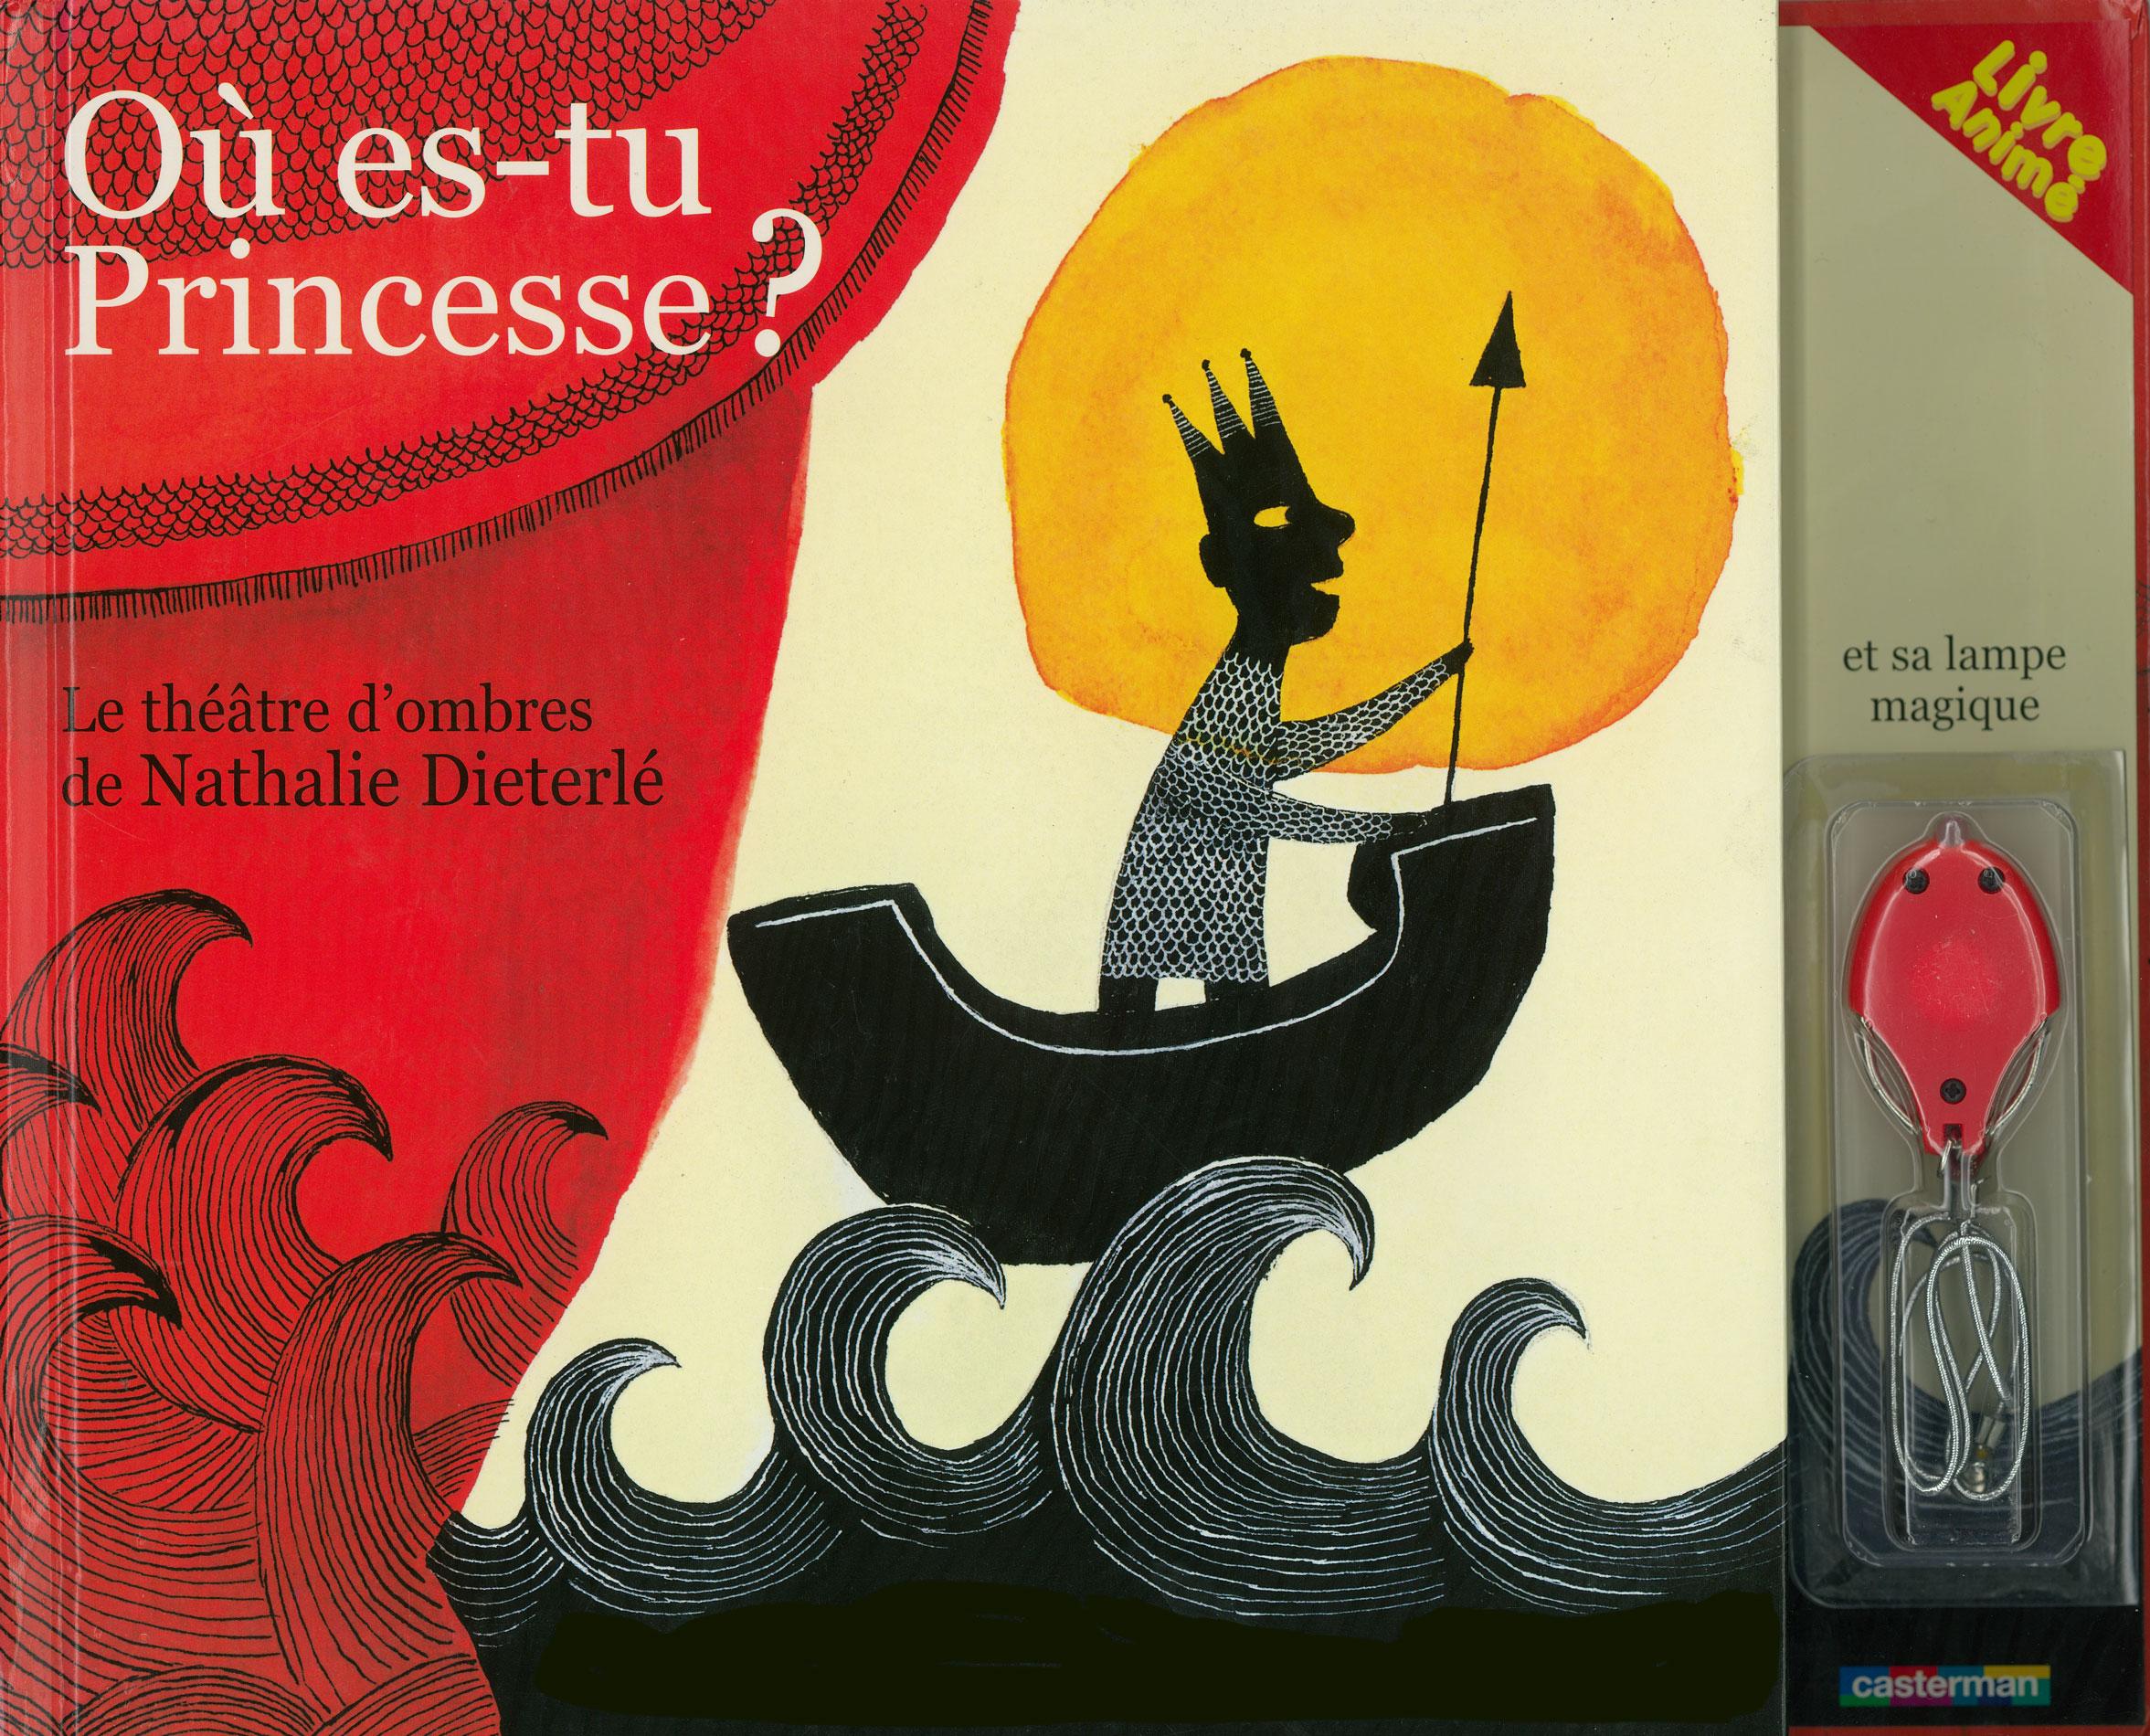 Livre théatre d'ombres pour enfants conçu et illustré par Nathalie Dieterlé. Des ombres chinoises sont projettés à l'interieur du livre grâce à une lampe de poche.